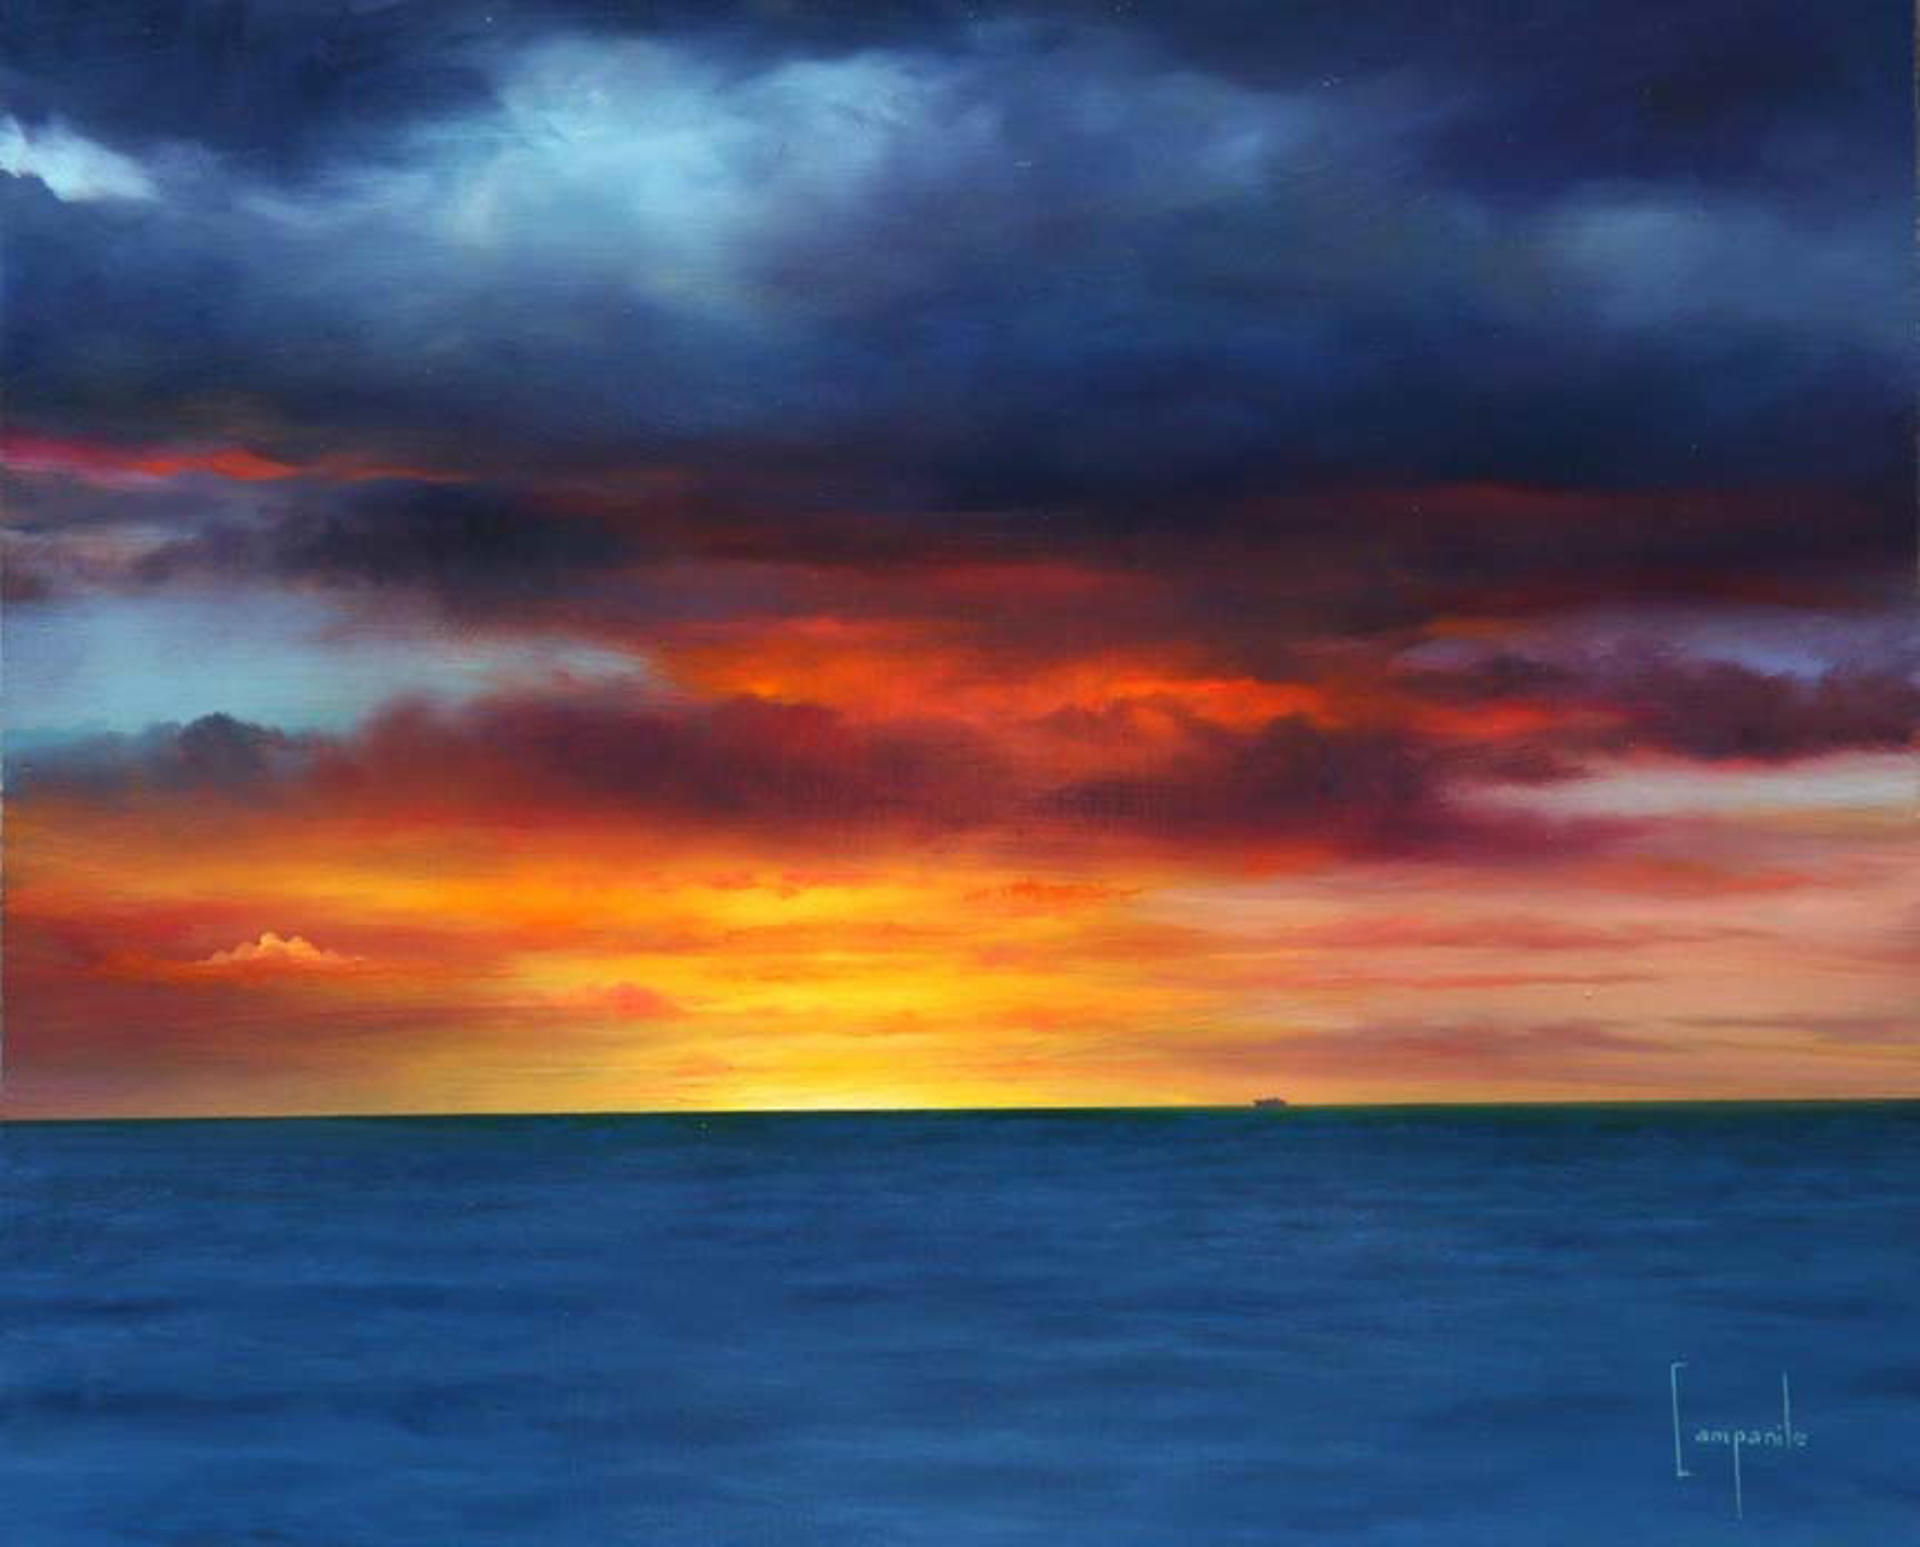 Kona Sunset by Dario Campanile